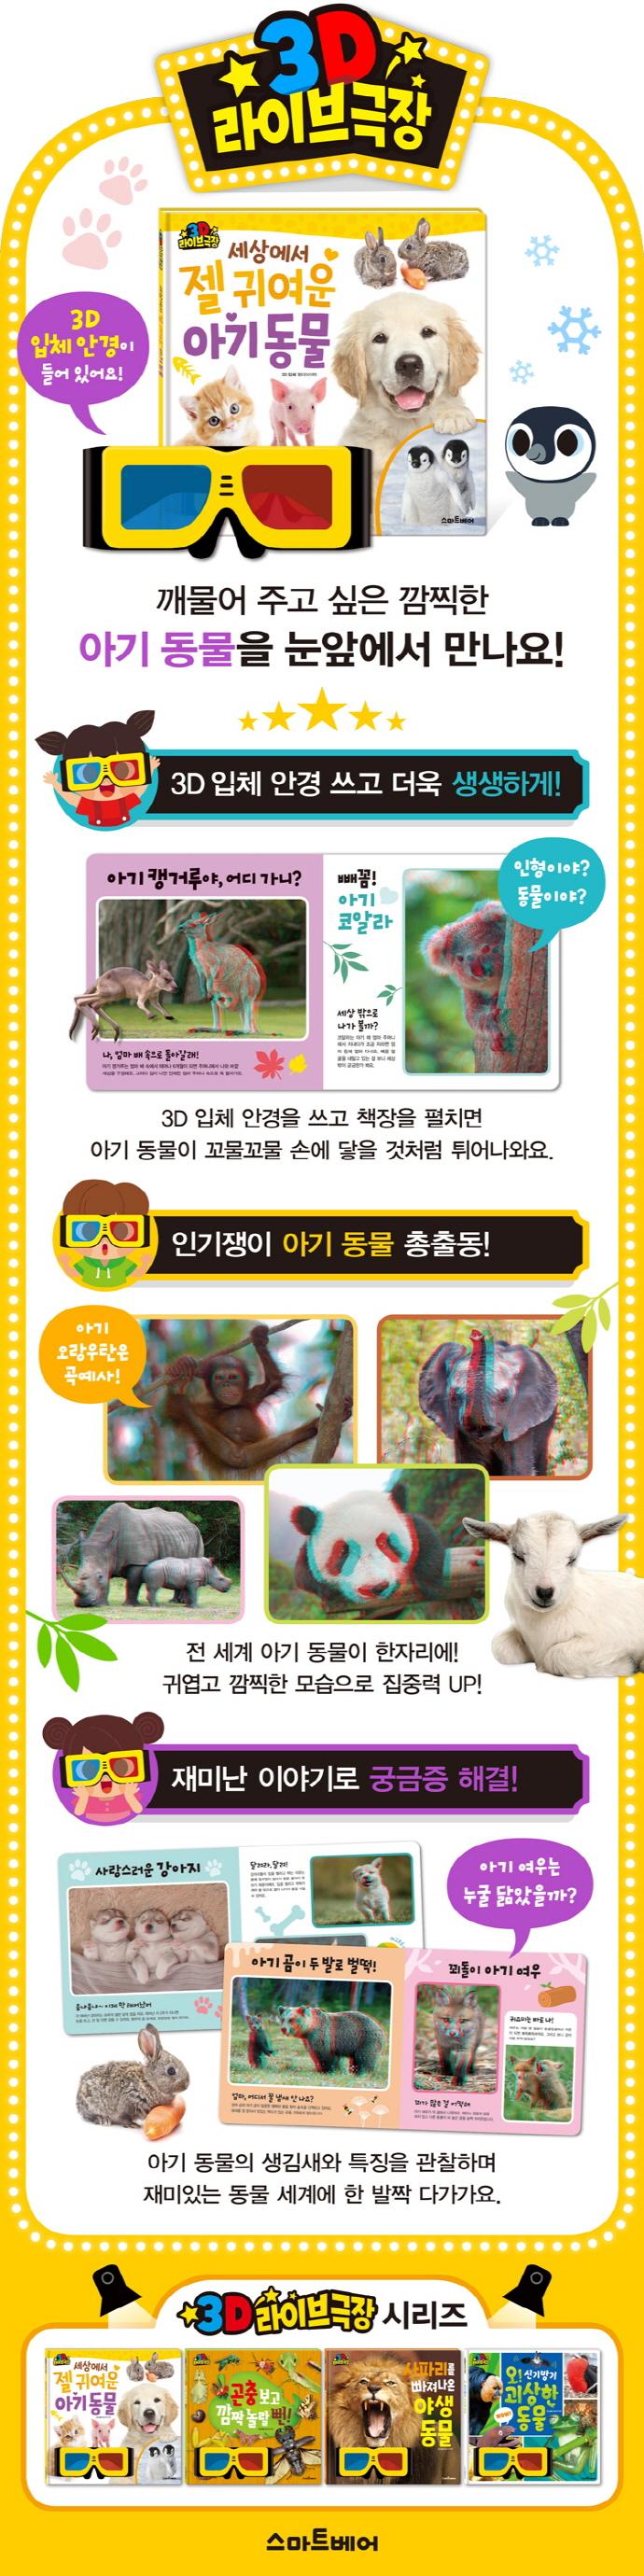 세상에서 젤 귀여운 아기 동물(3D 라이브 극장)(양장본 HardCover) 도서 상세이미지